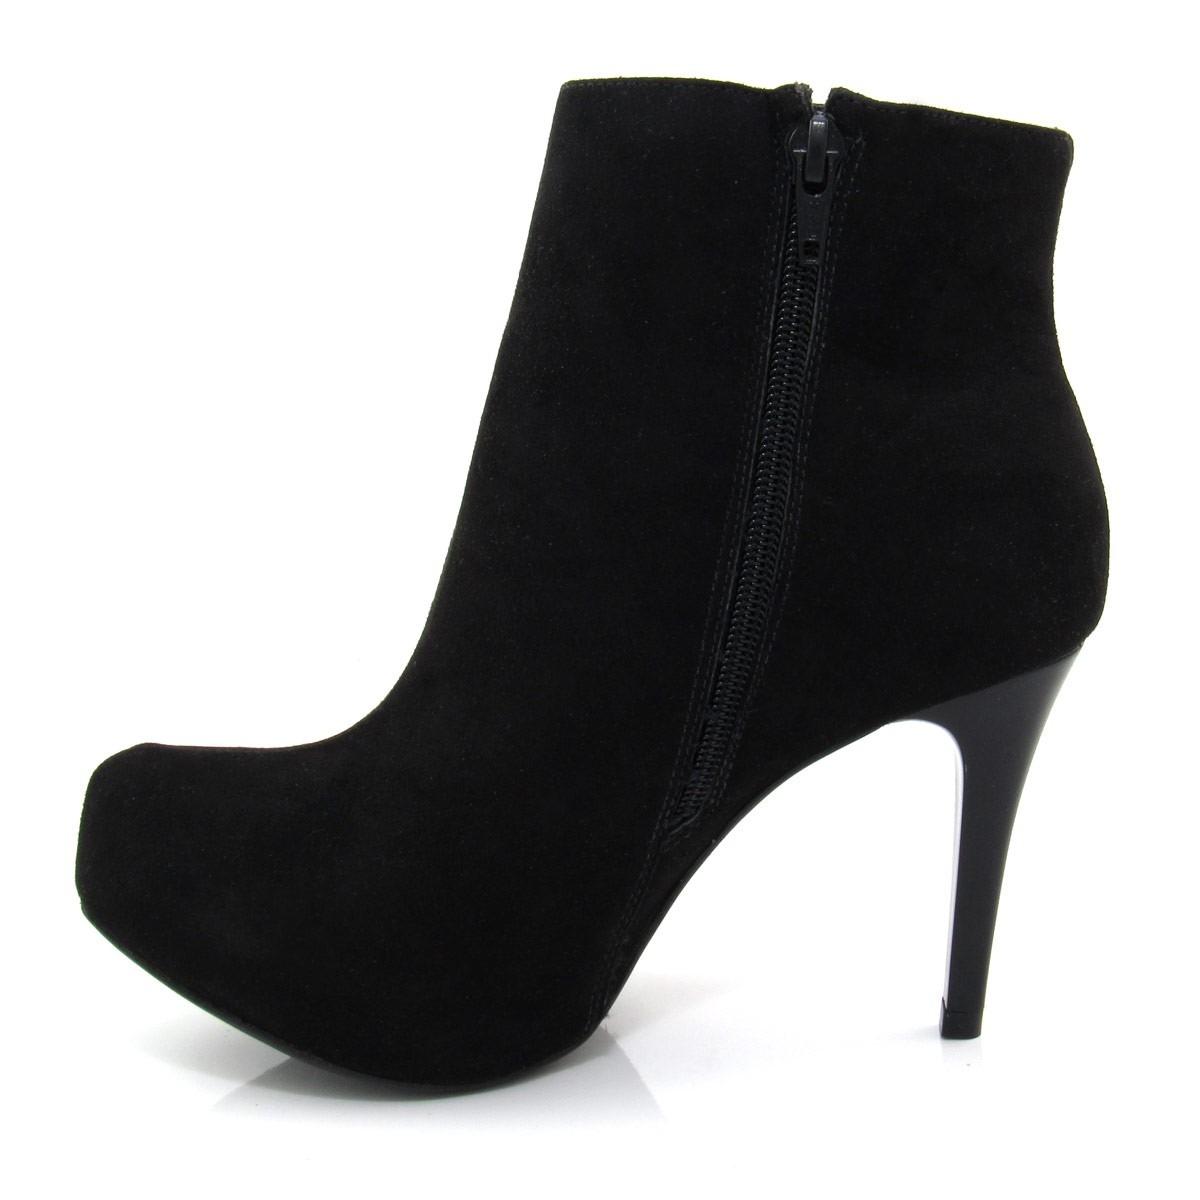 f39d4216c bota feminina cano curto of shoes 1536658 salto fino. Carregando zoom.